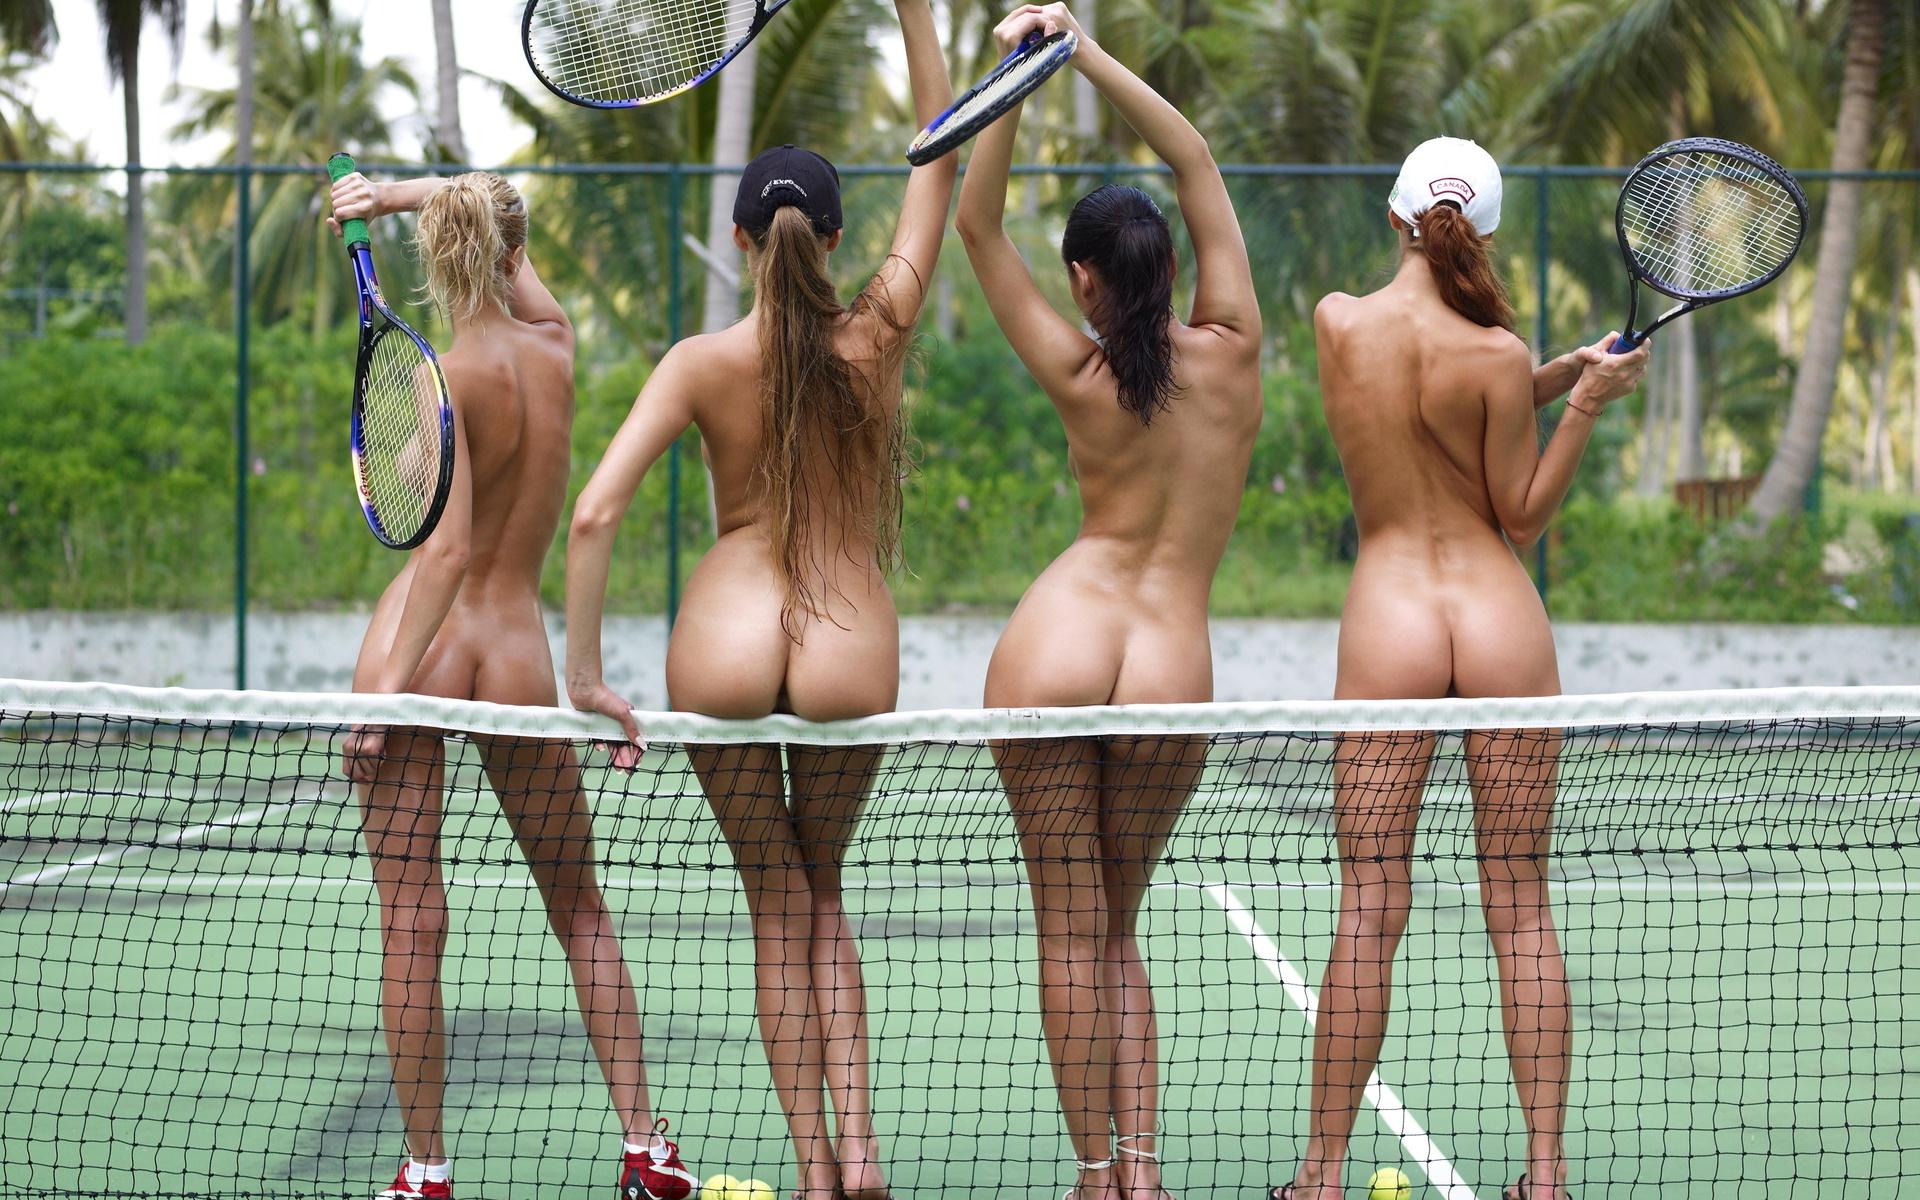 tennis-s-goloy-zhopoy-ukrainskie-porno-v-stringah